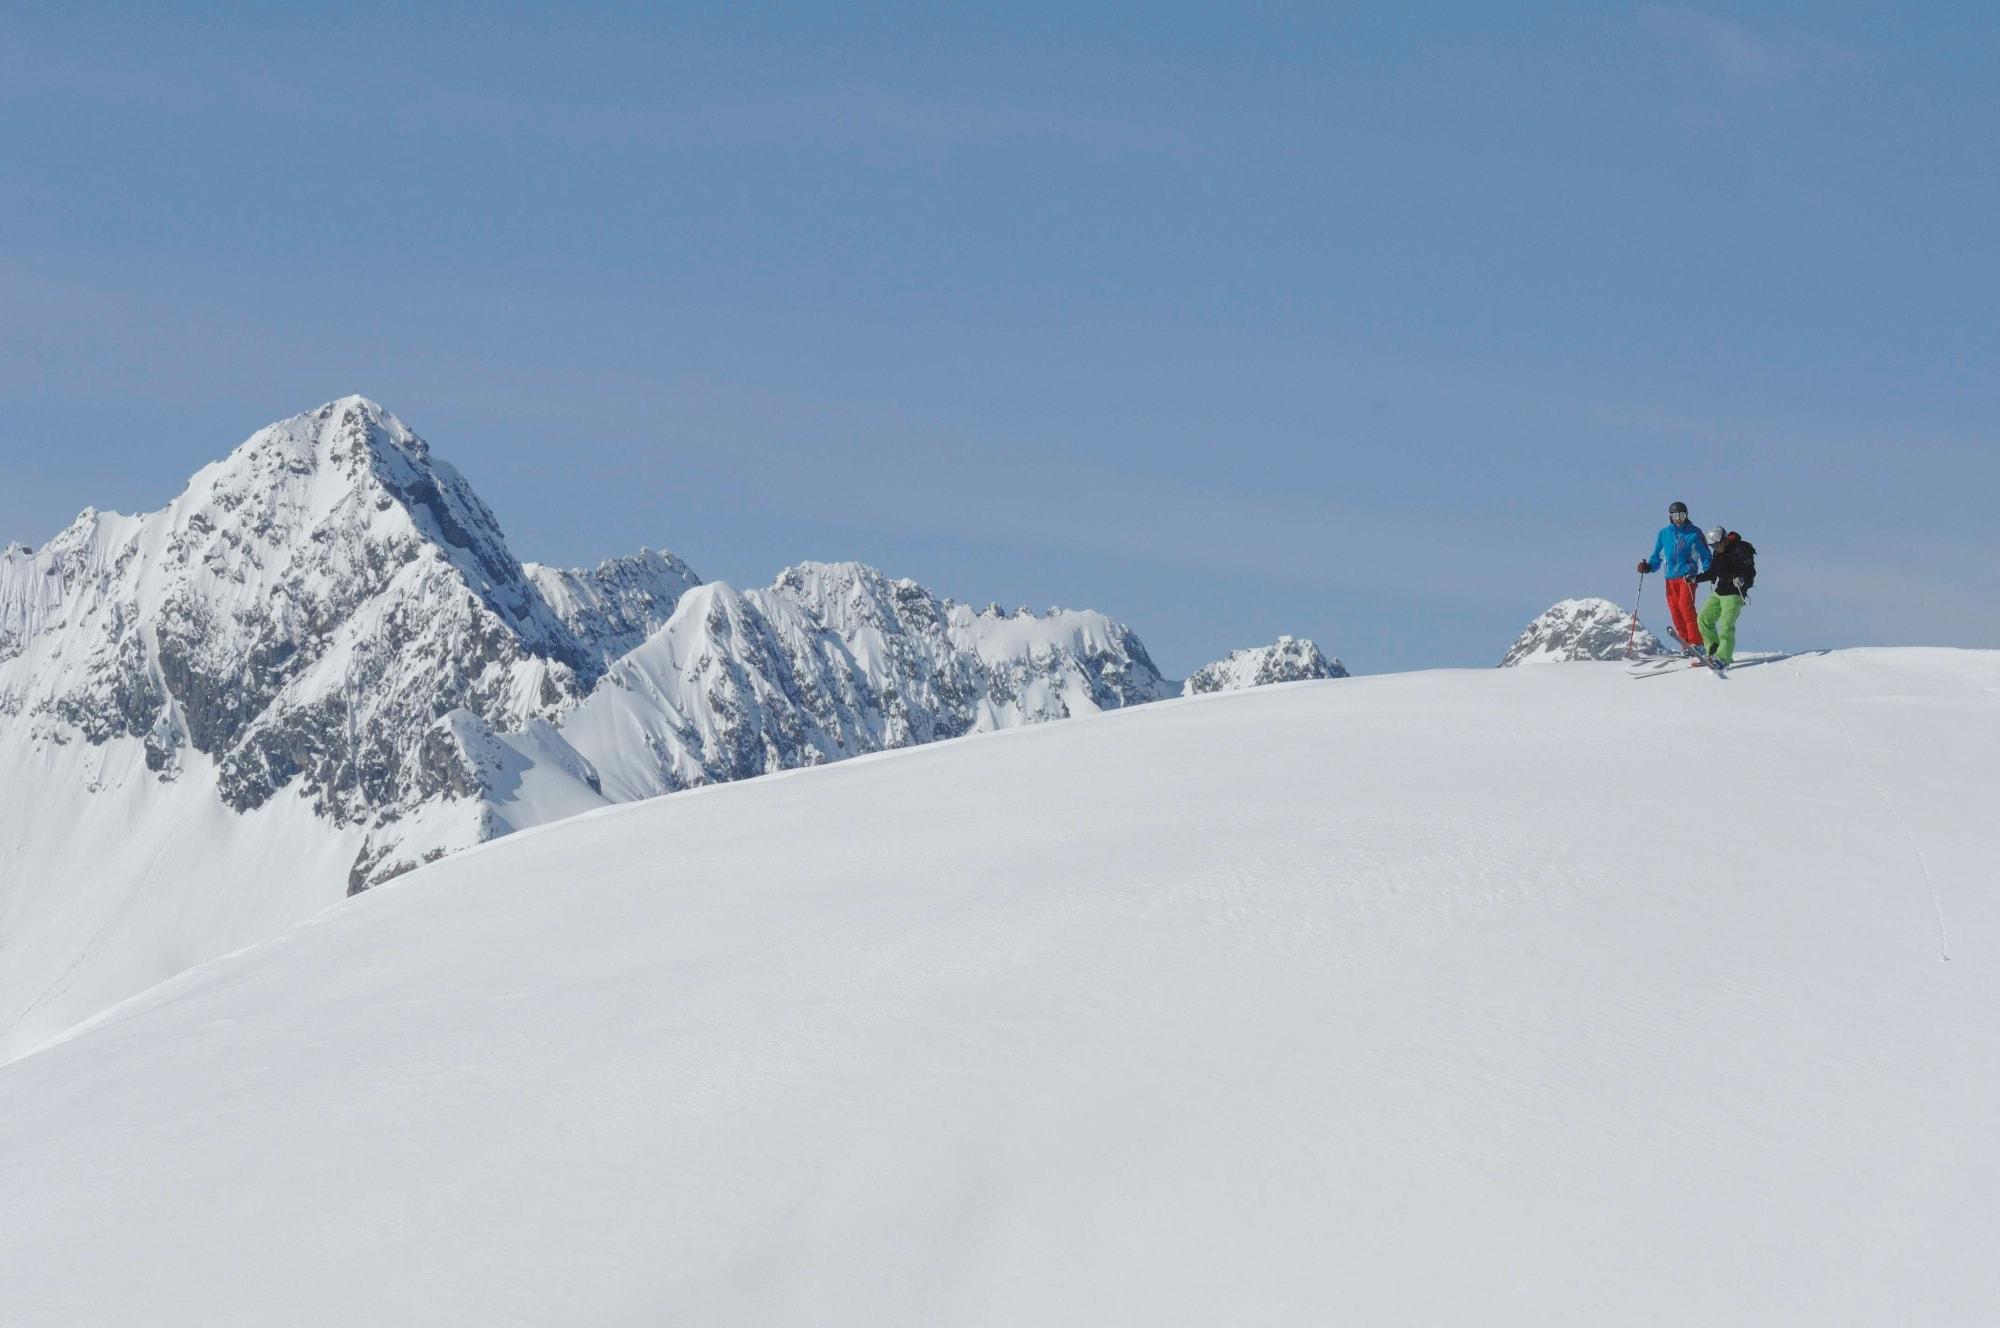 klösterle arlberg skiverleih